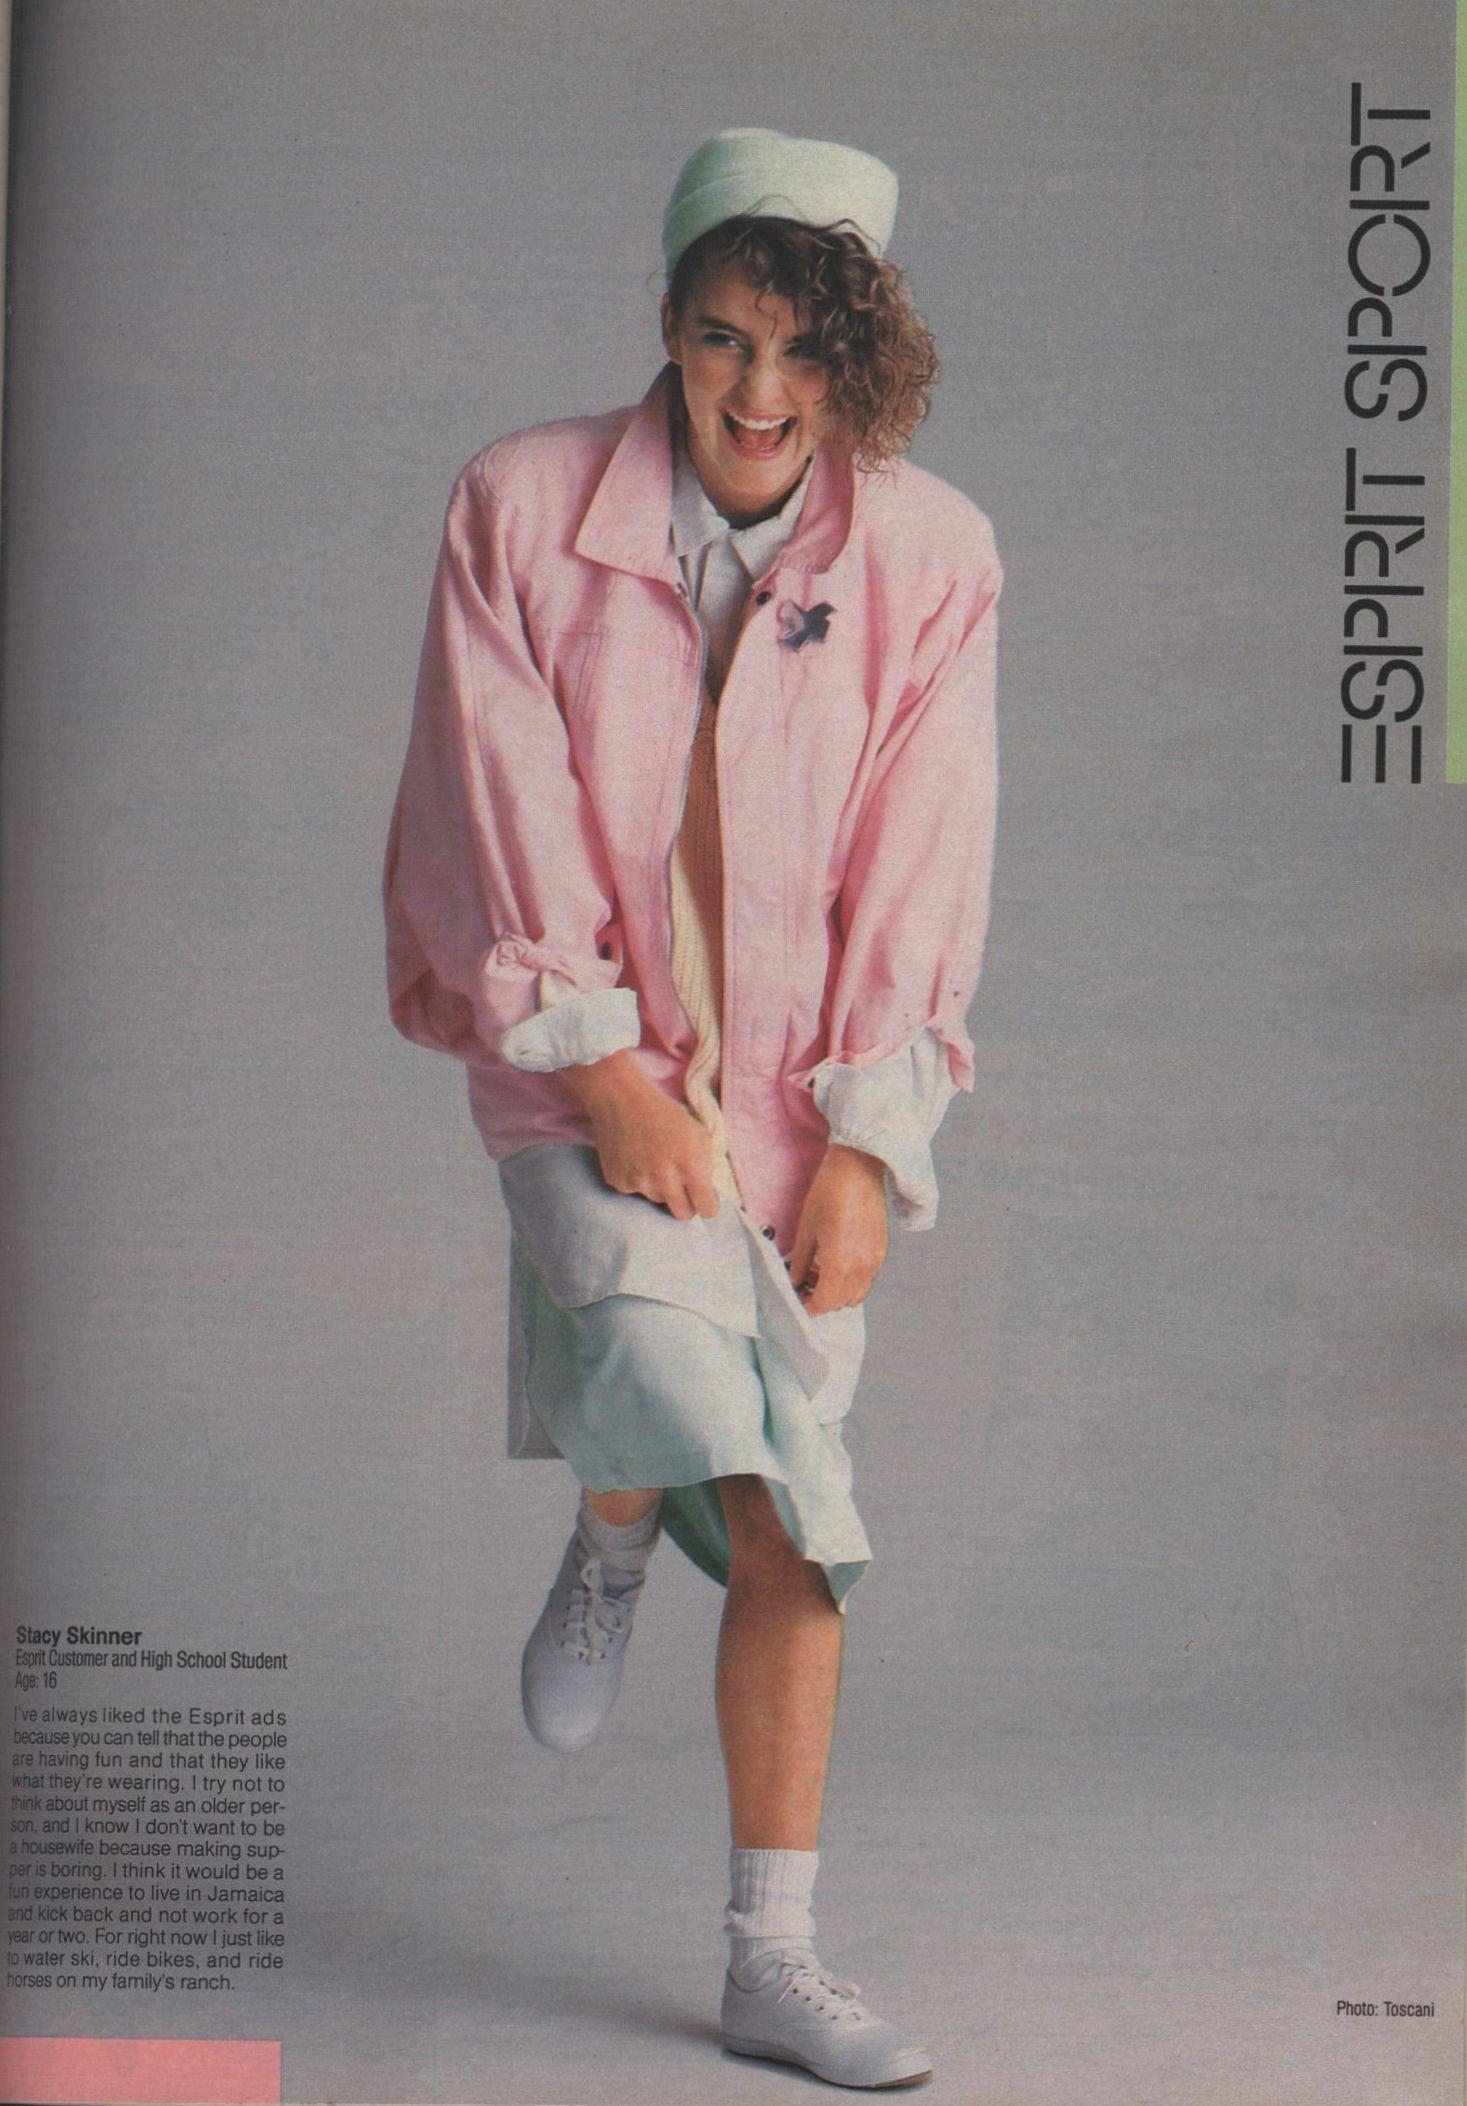 cb8c199f4453 Esprit Ad 1986